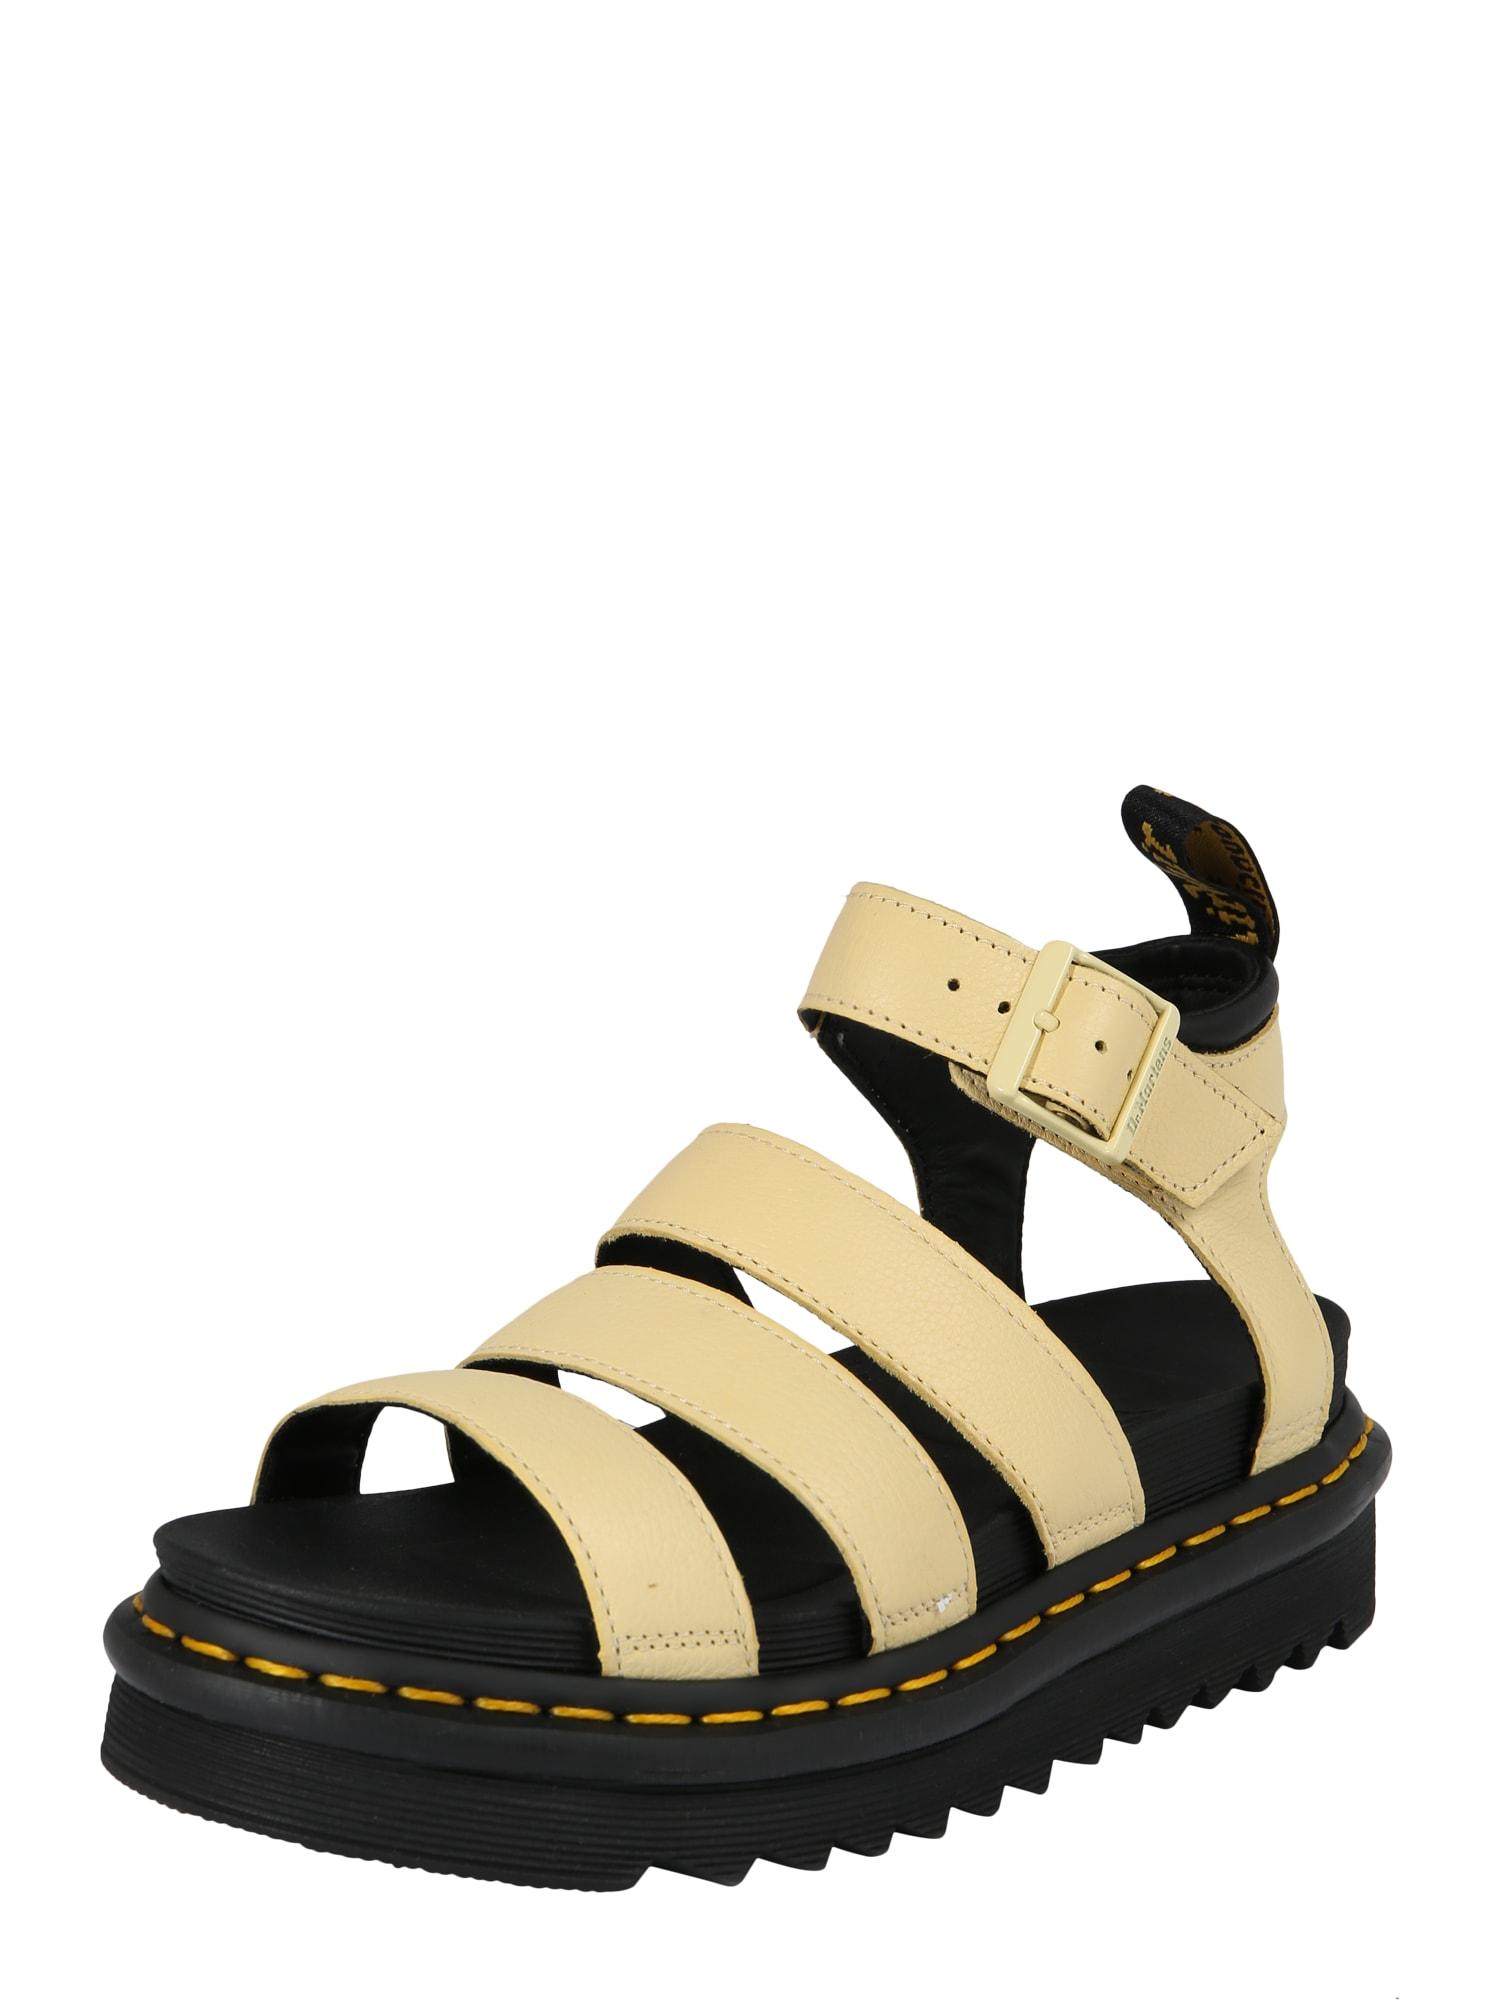 Páskové sandály Chunky Blaire pastelově žlutá Dr. Martens